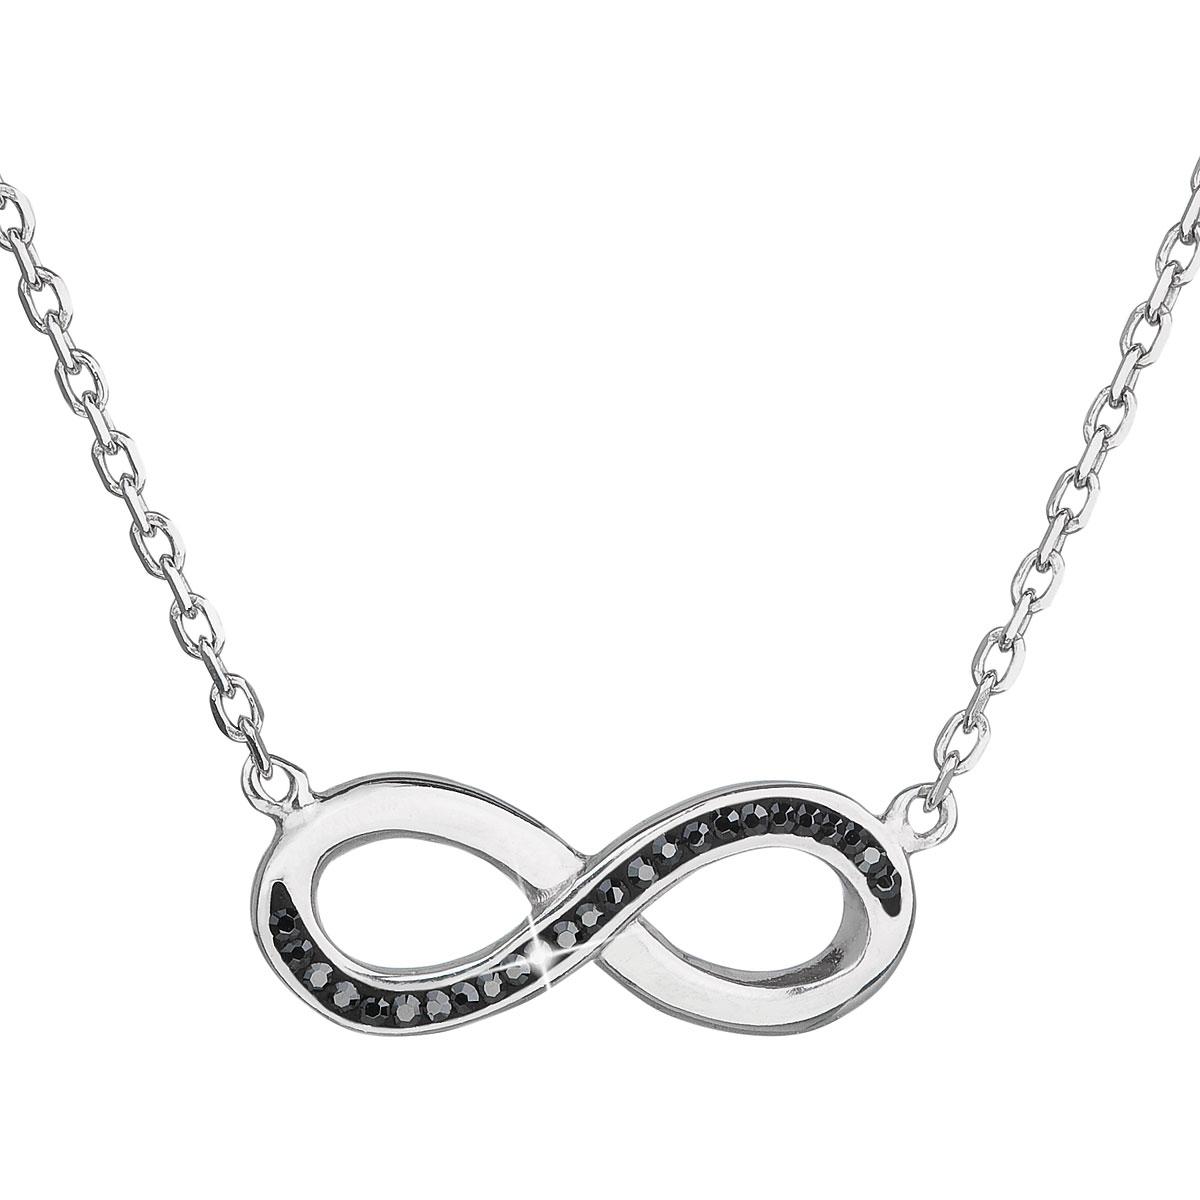 Strieborný náhrdelník nekonečno s kryštálmi Crystals from Swarovski ® Black